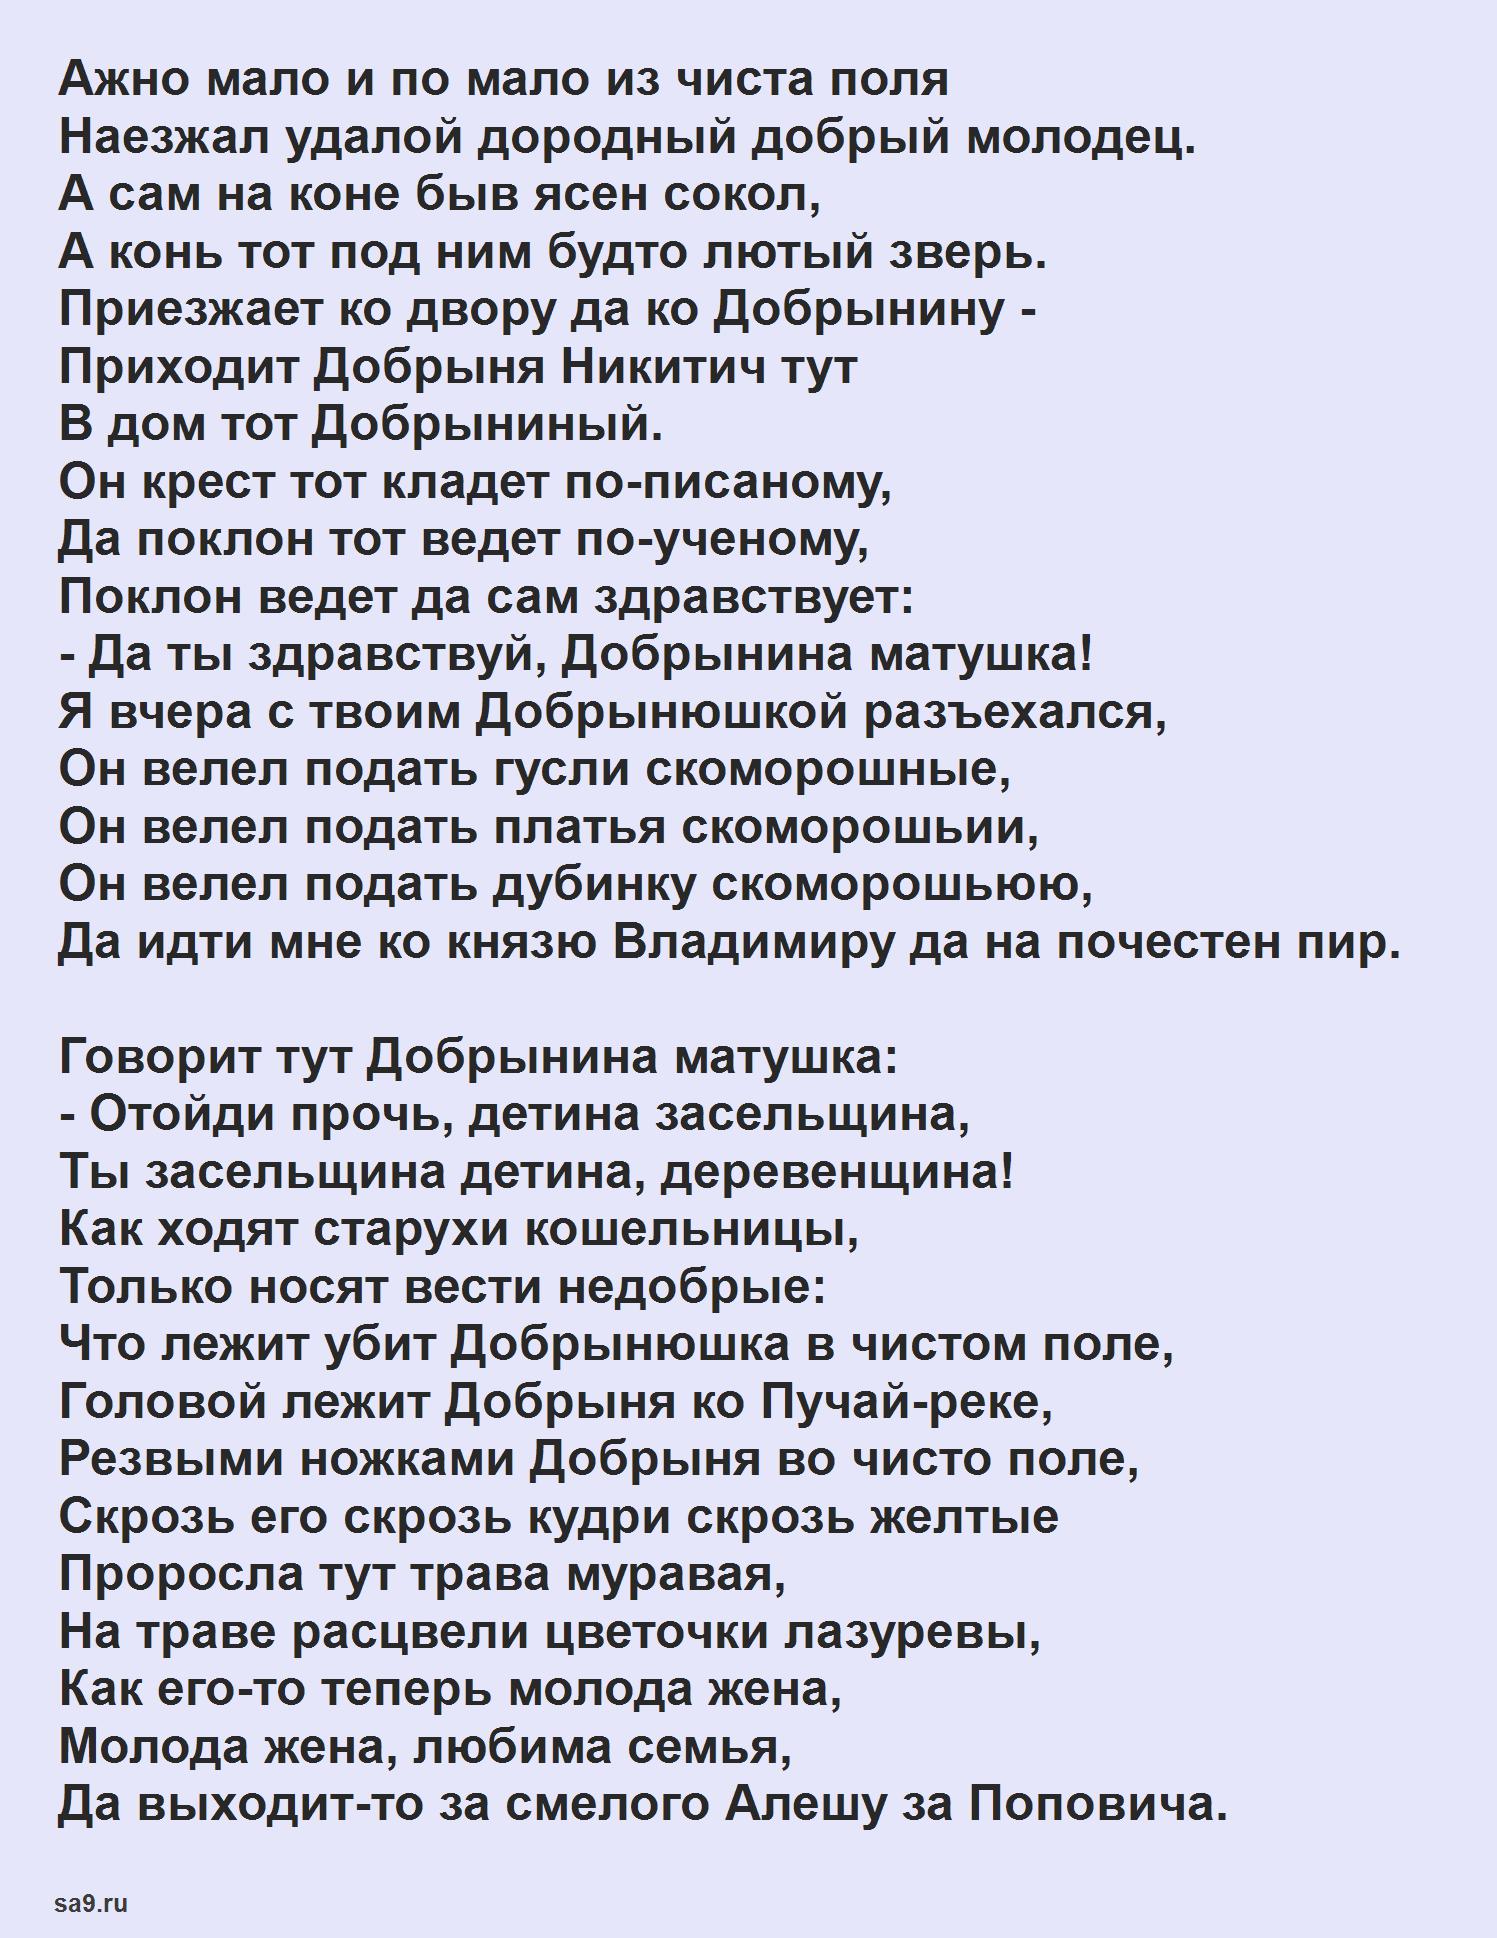 Читать былину - Добрыня Никитич и Алеша Попович, полностью